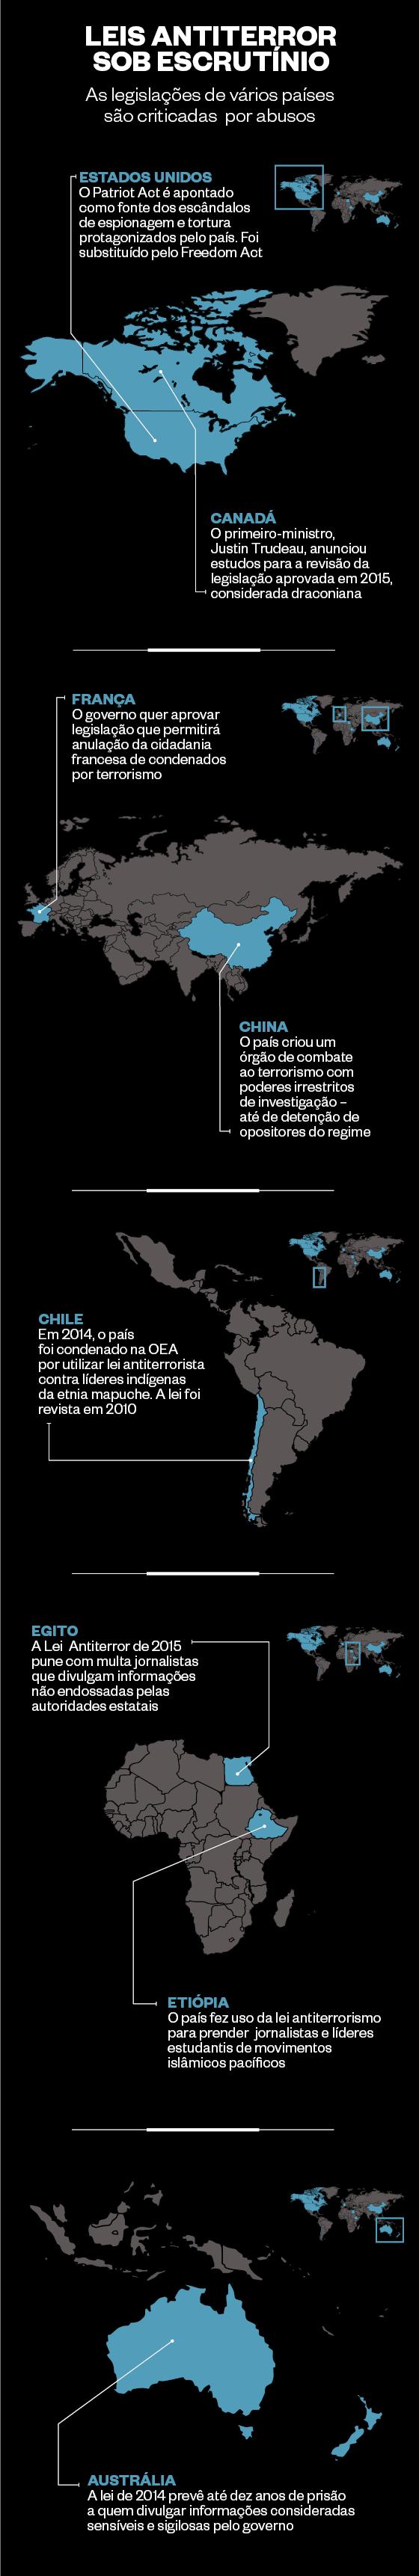 Leis antiterror sob escrutínio (Foto: Infografia/ÉPOCA)